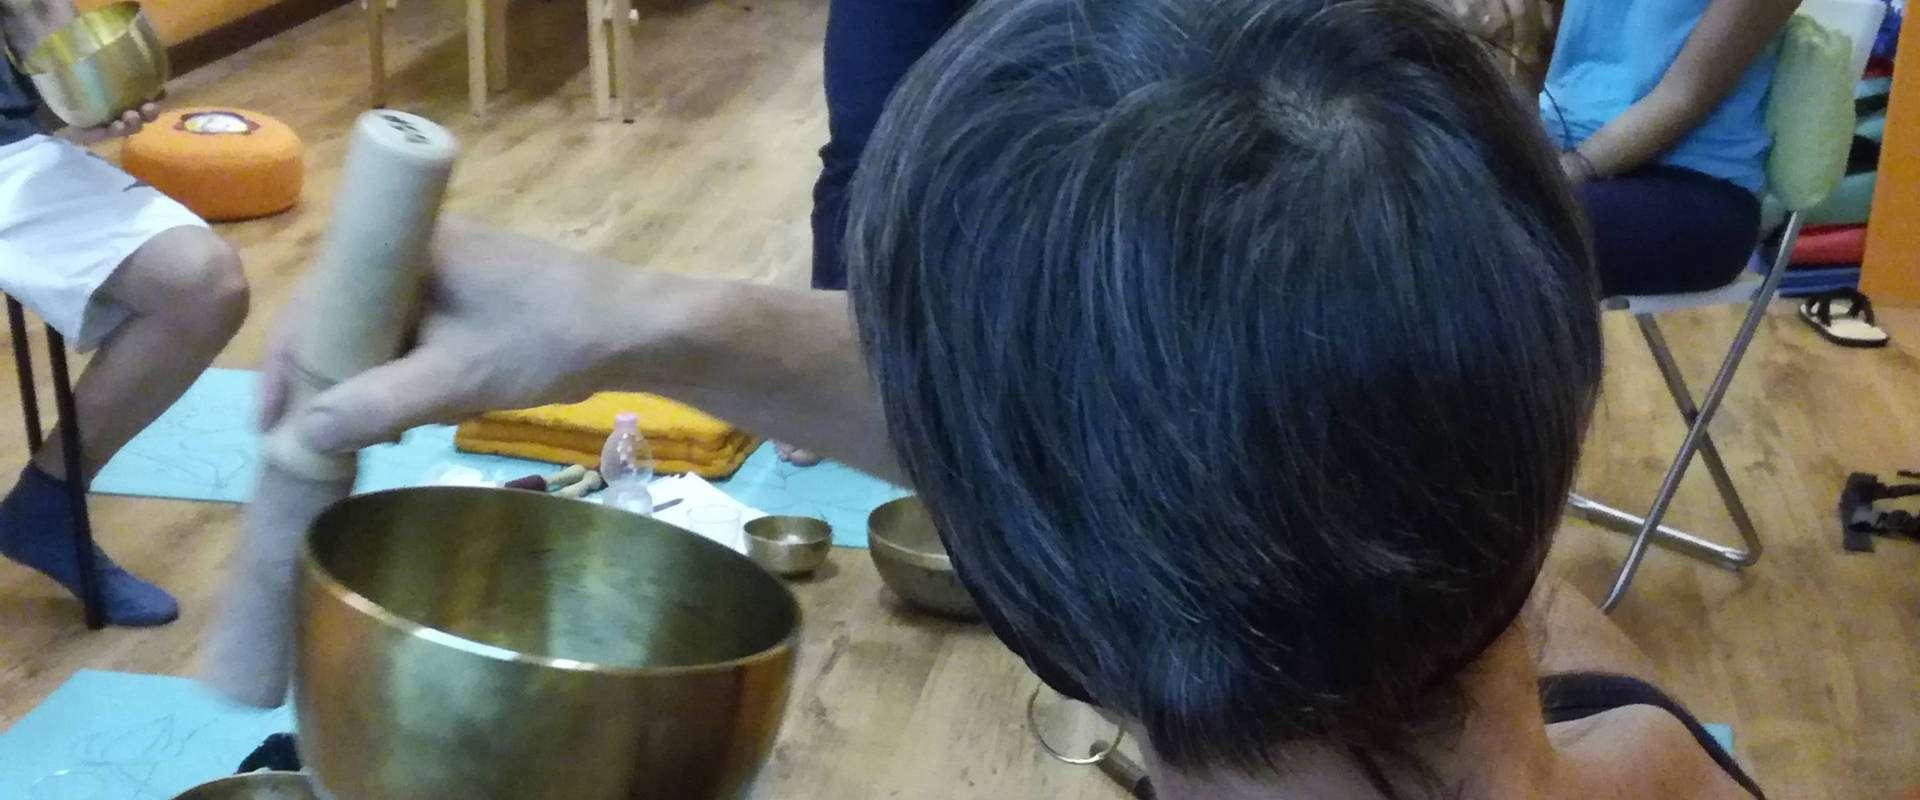 Darshanatura - Scegli il tuo corso di Campane Tibetane con consapevolezza